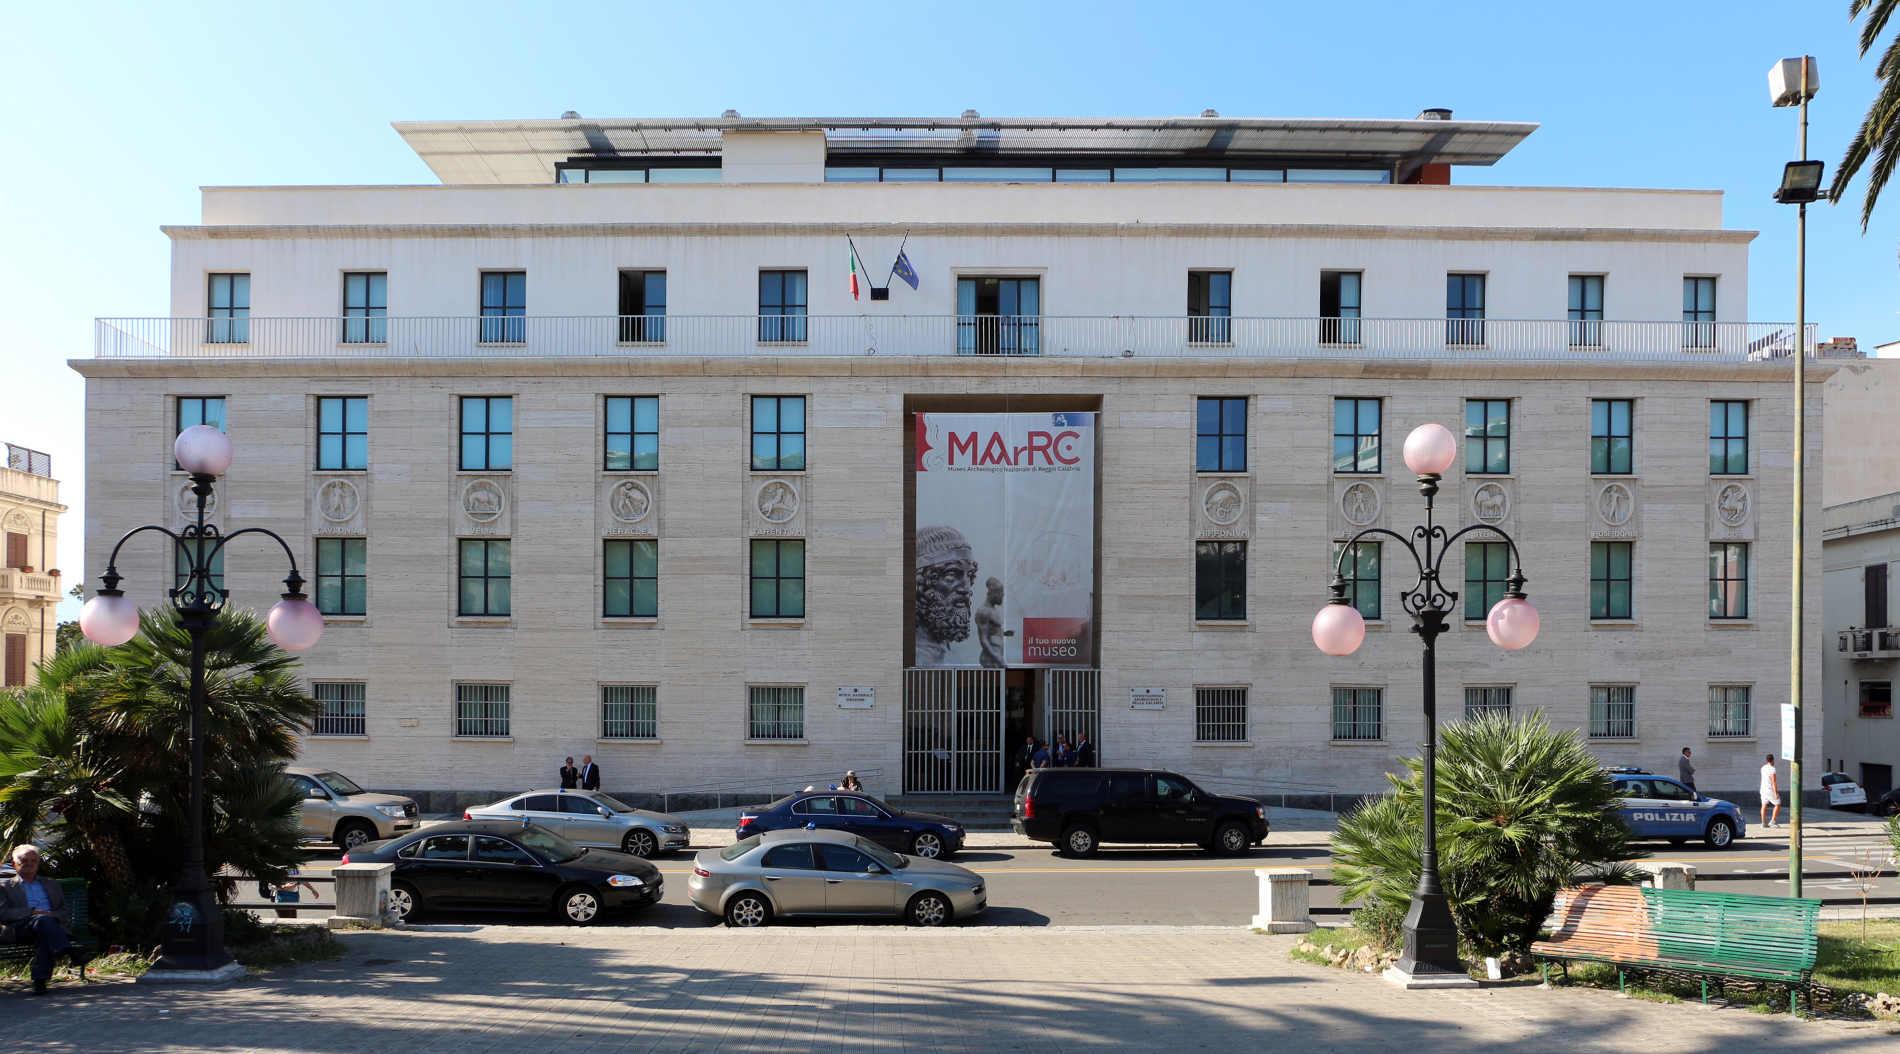 Il Museo Nazionale della Magna Grecia a Reggio Calabria: immagine fonte web wikipedia di Palazzo Piacentini. Testo Spunti di Viaggio - Travel and LifeStyle